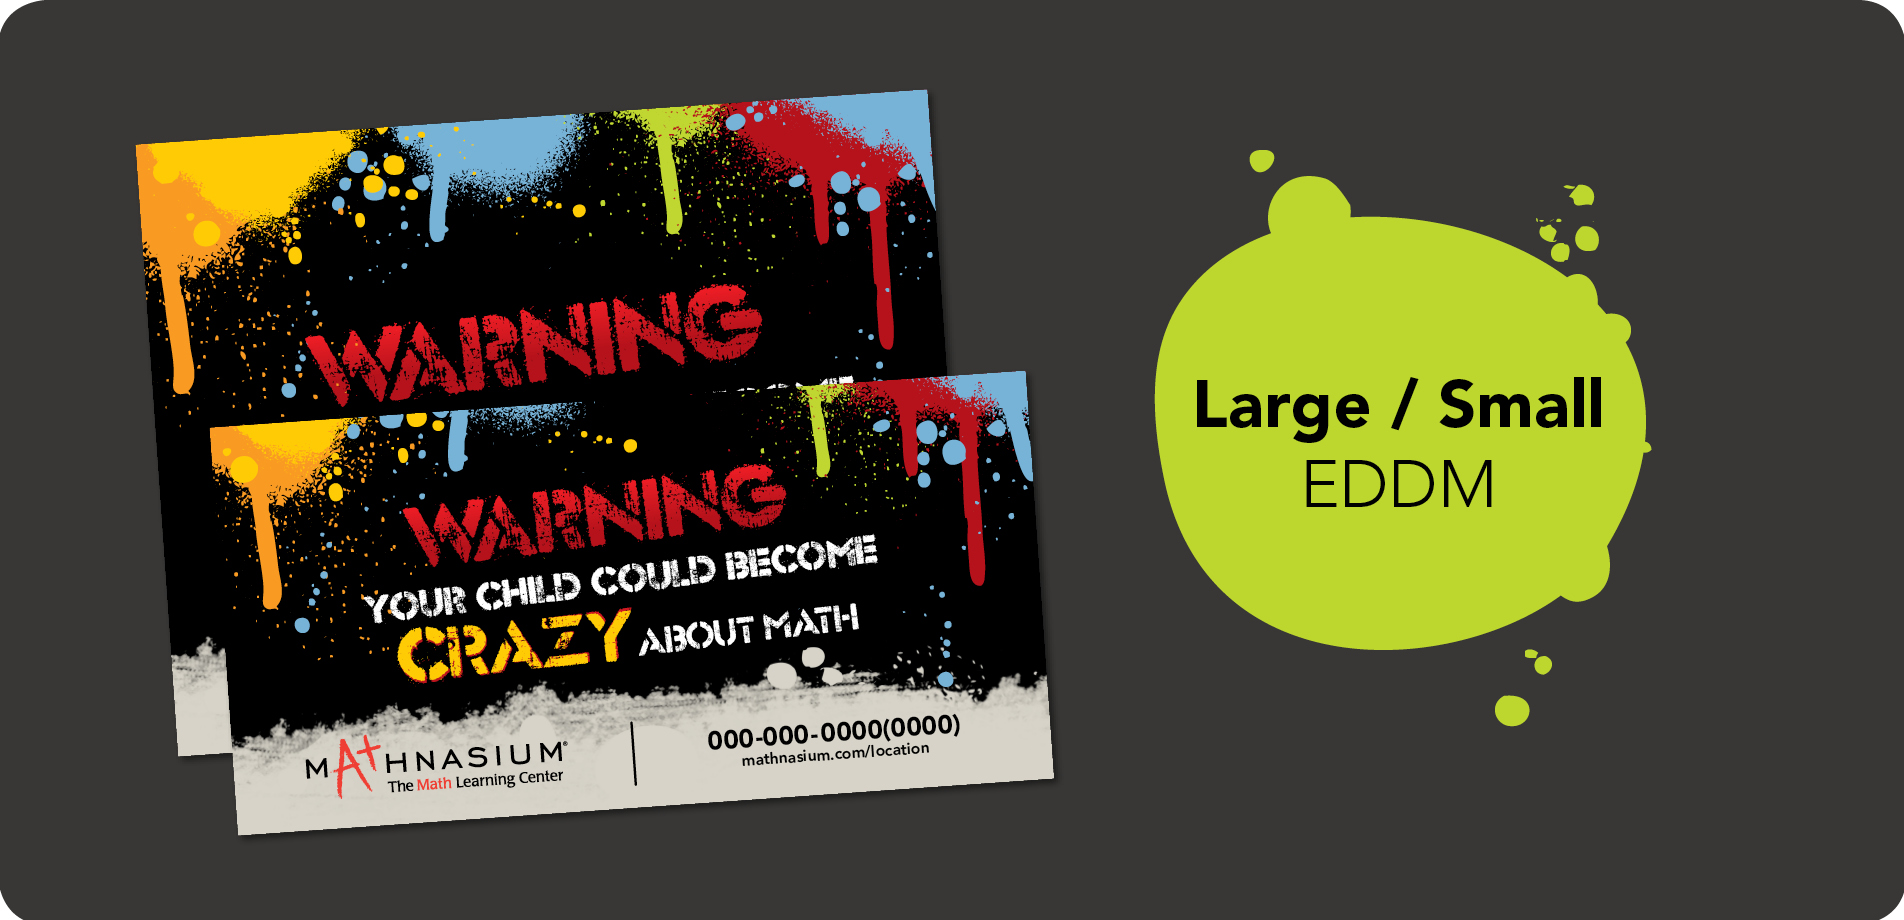 Examples-EDDM-Warning-2016